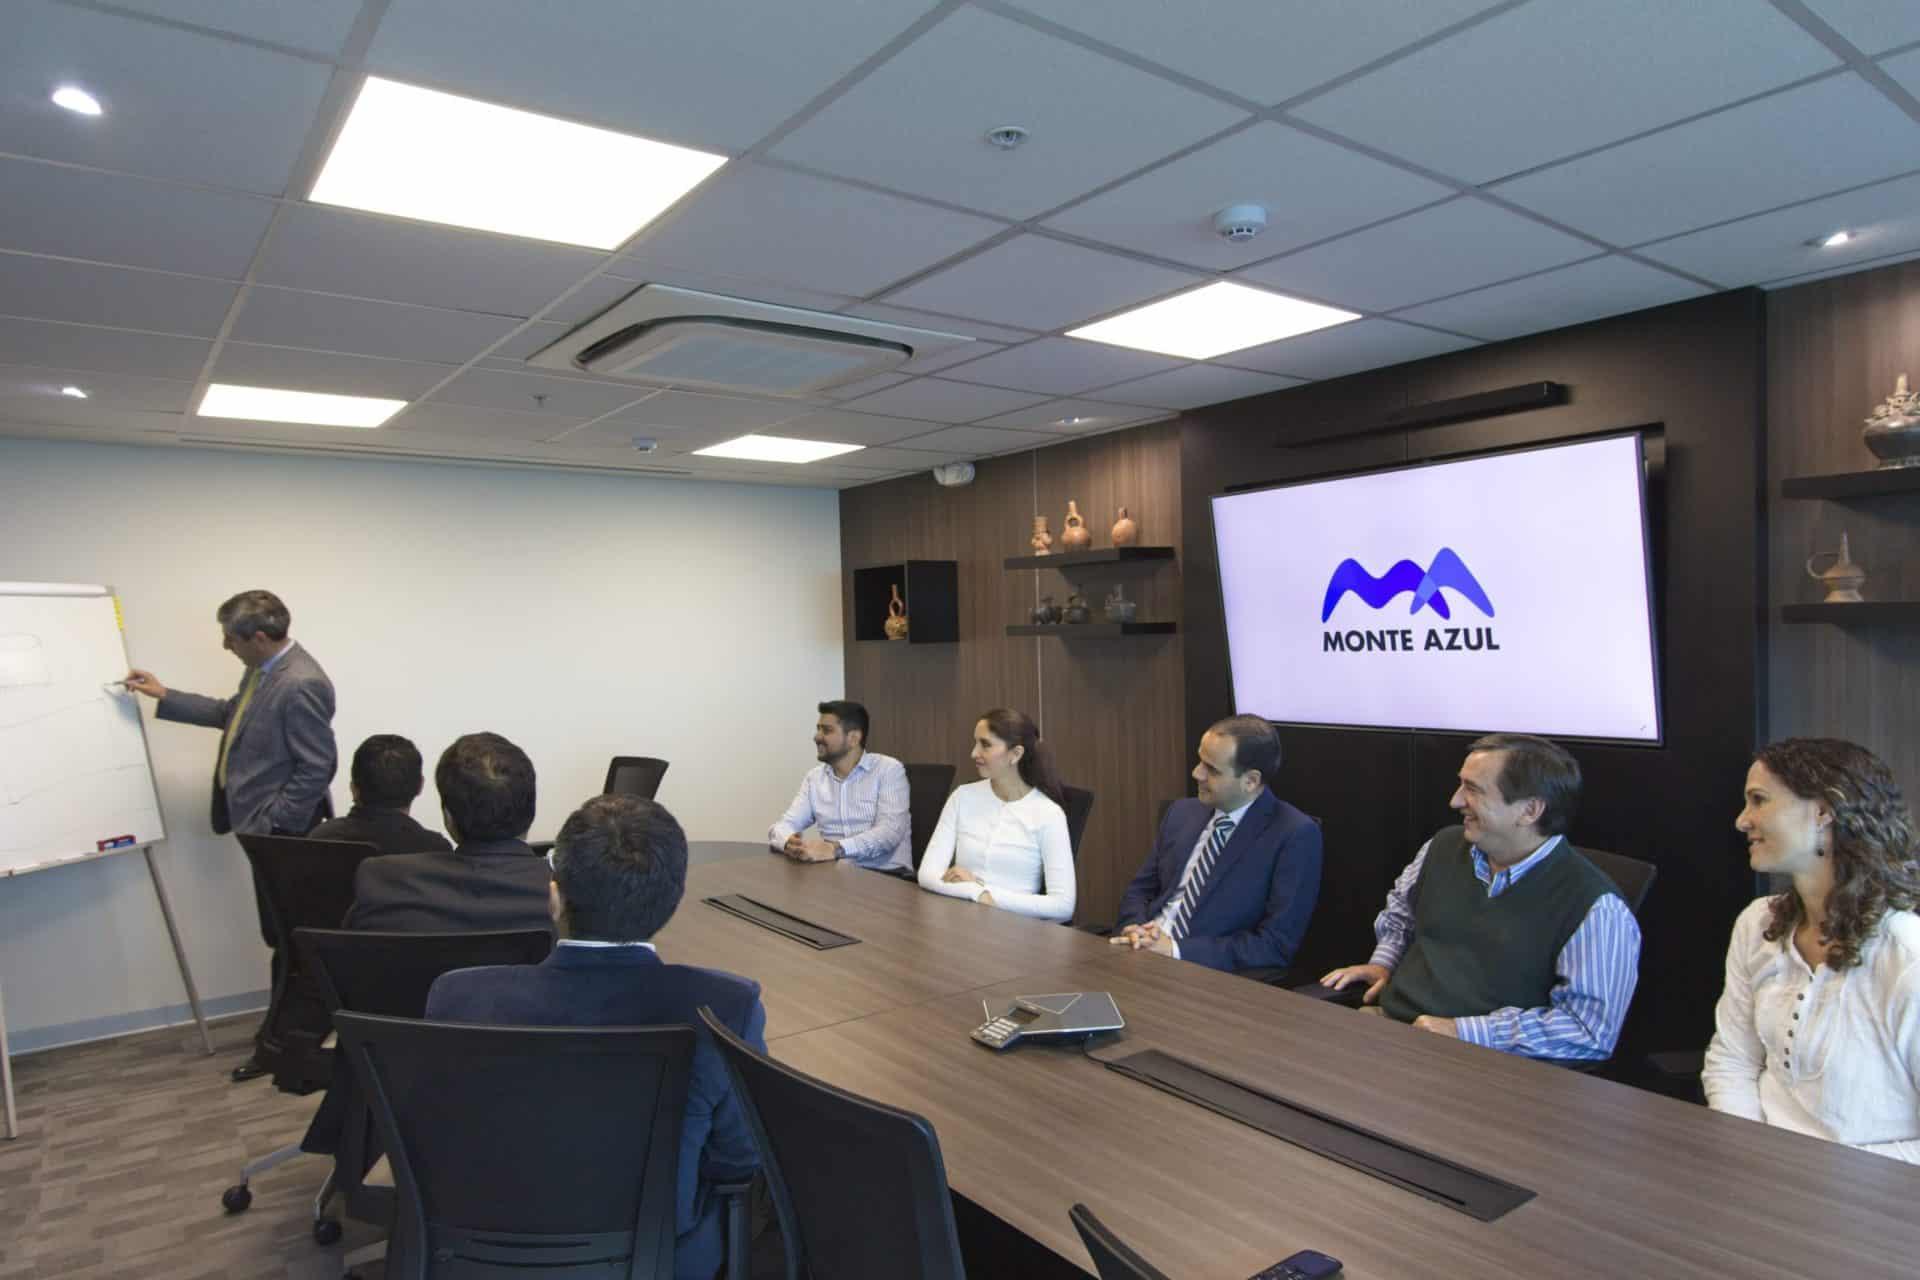 Corporación Monte Azul - Almacenes Logísticos - Almacén De Clase Mundial - condominios logisticos